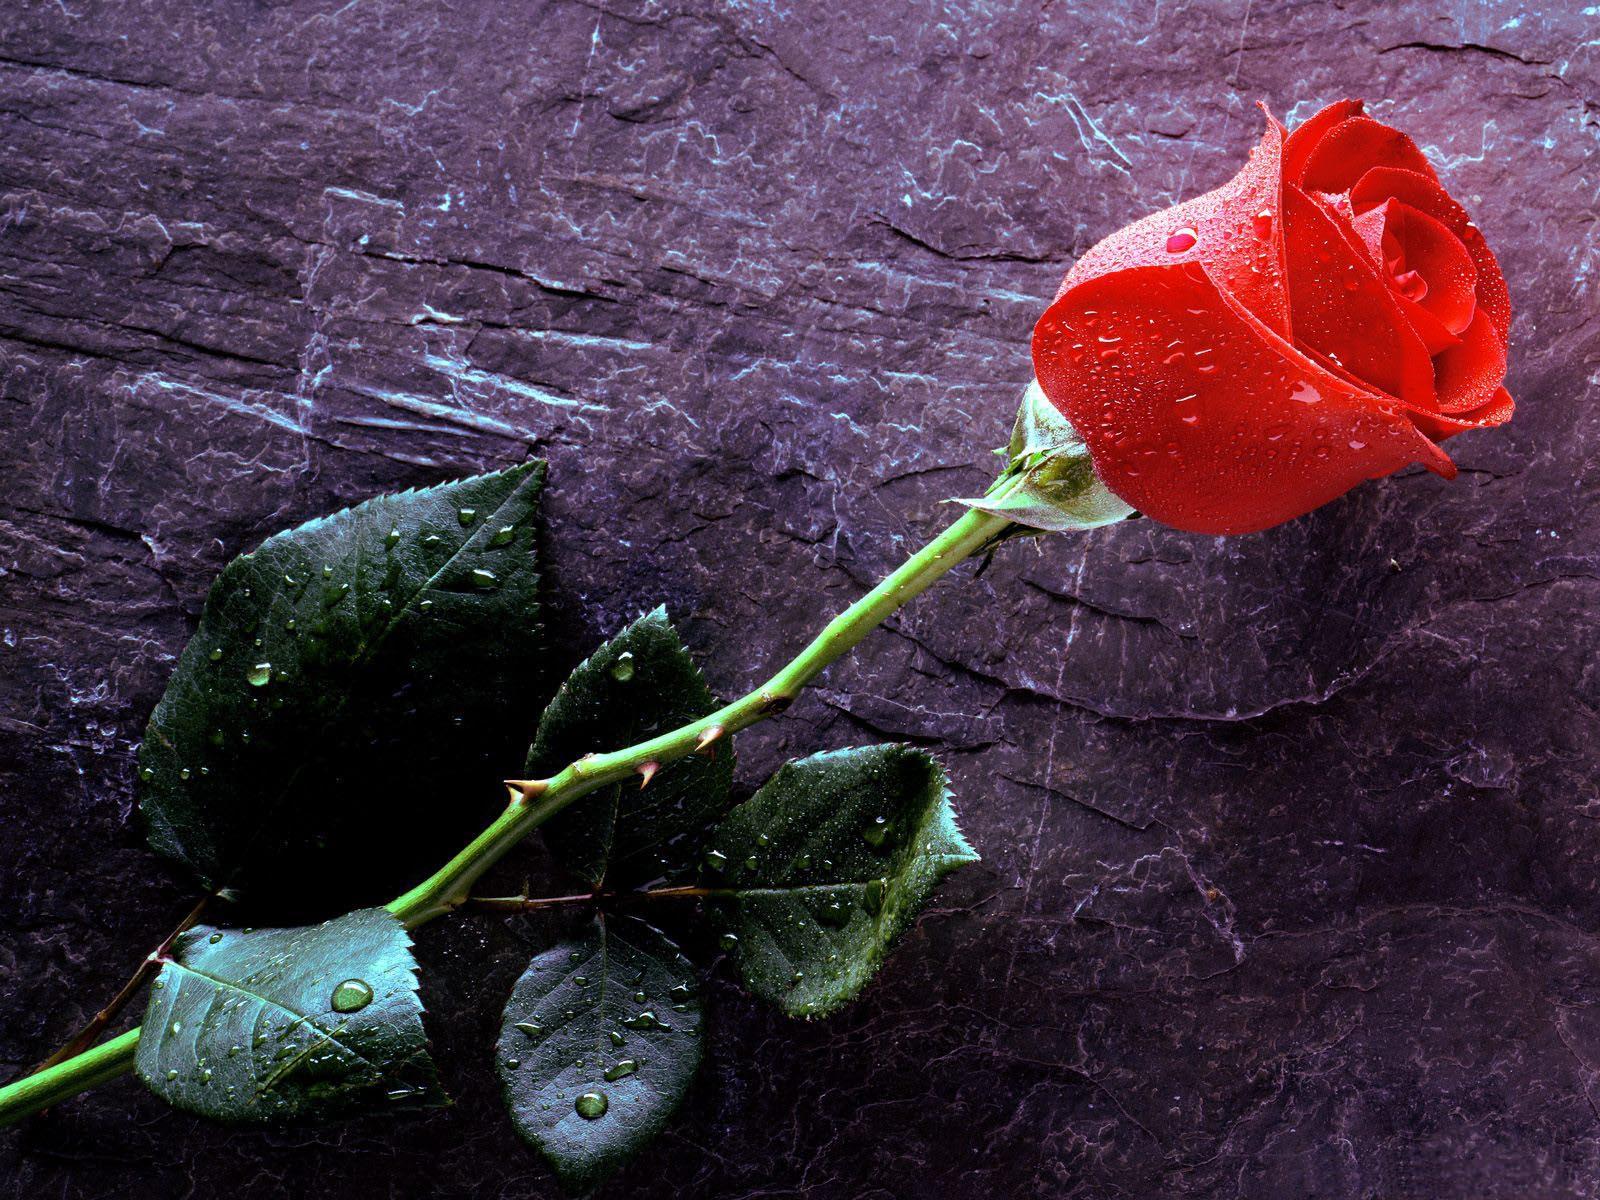 http://2.bp.blogspot.com/-YVKbGCL5jvA/T9V2Bd1UKpI/AAAAAAAAFgg/dN0SKOXRzjc/s1600/Rose-Wallpaper-74.jpg